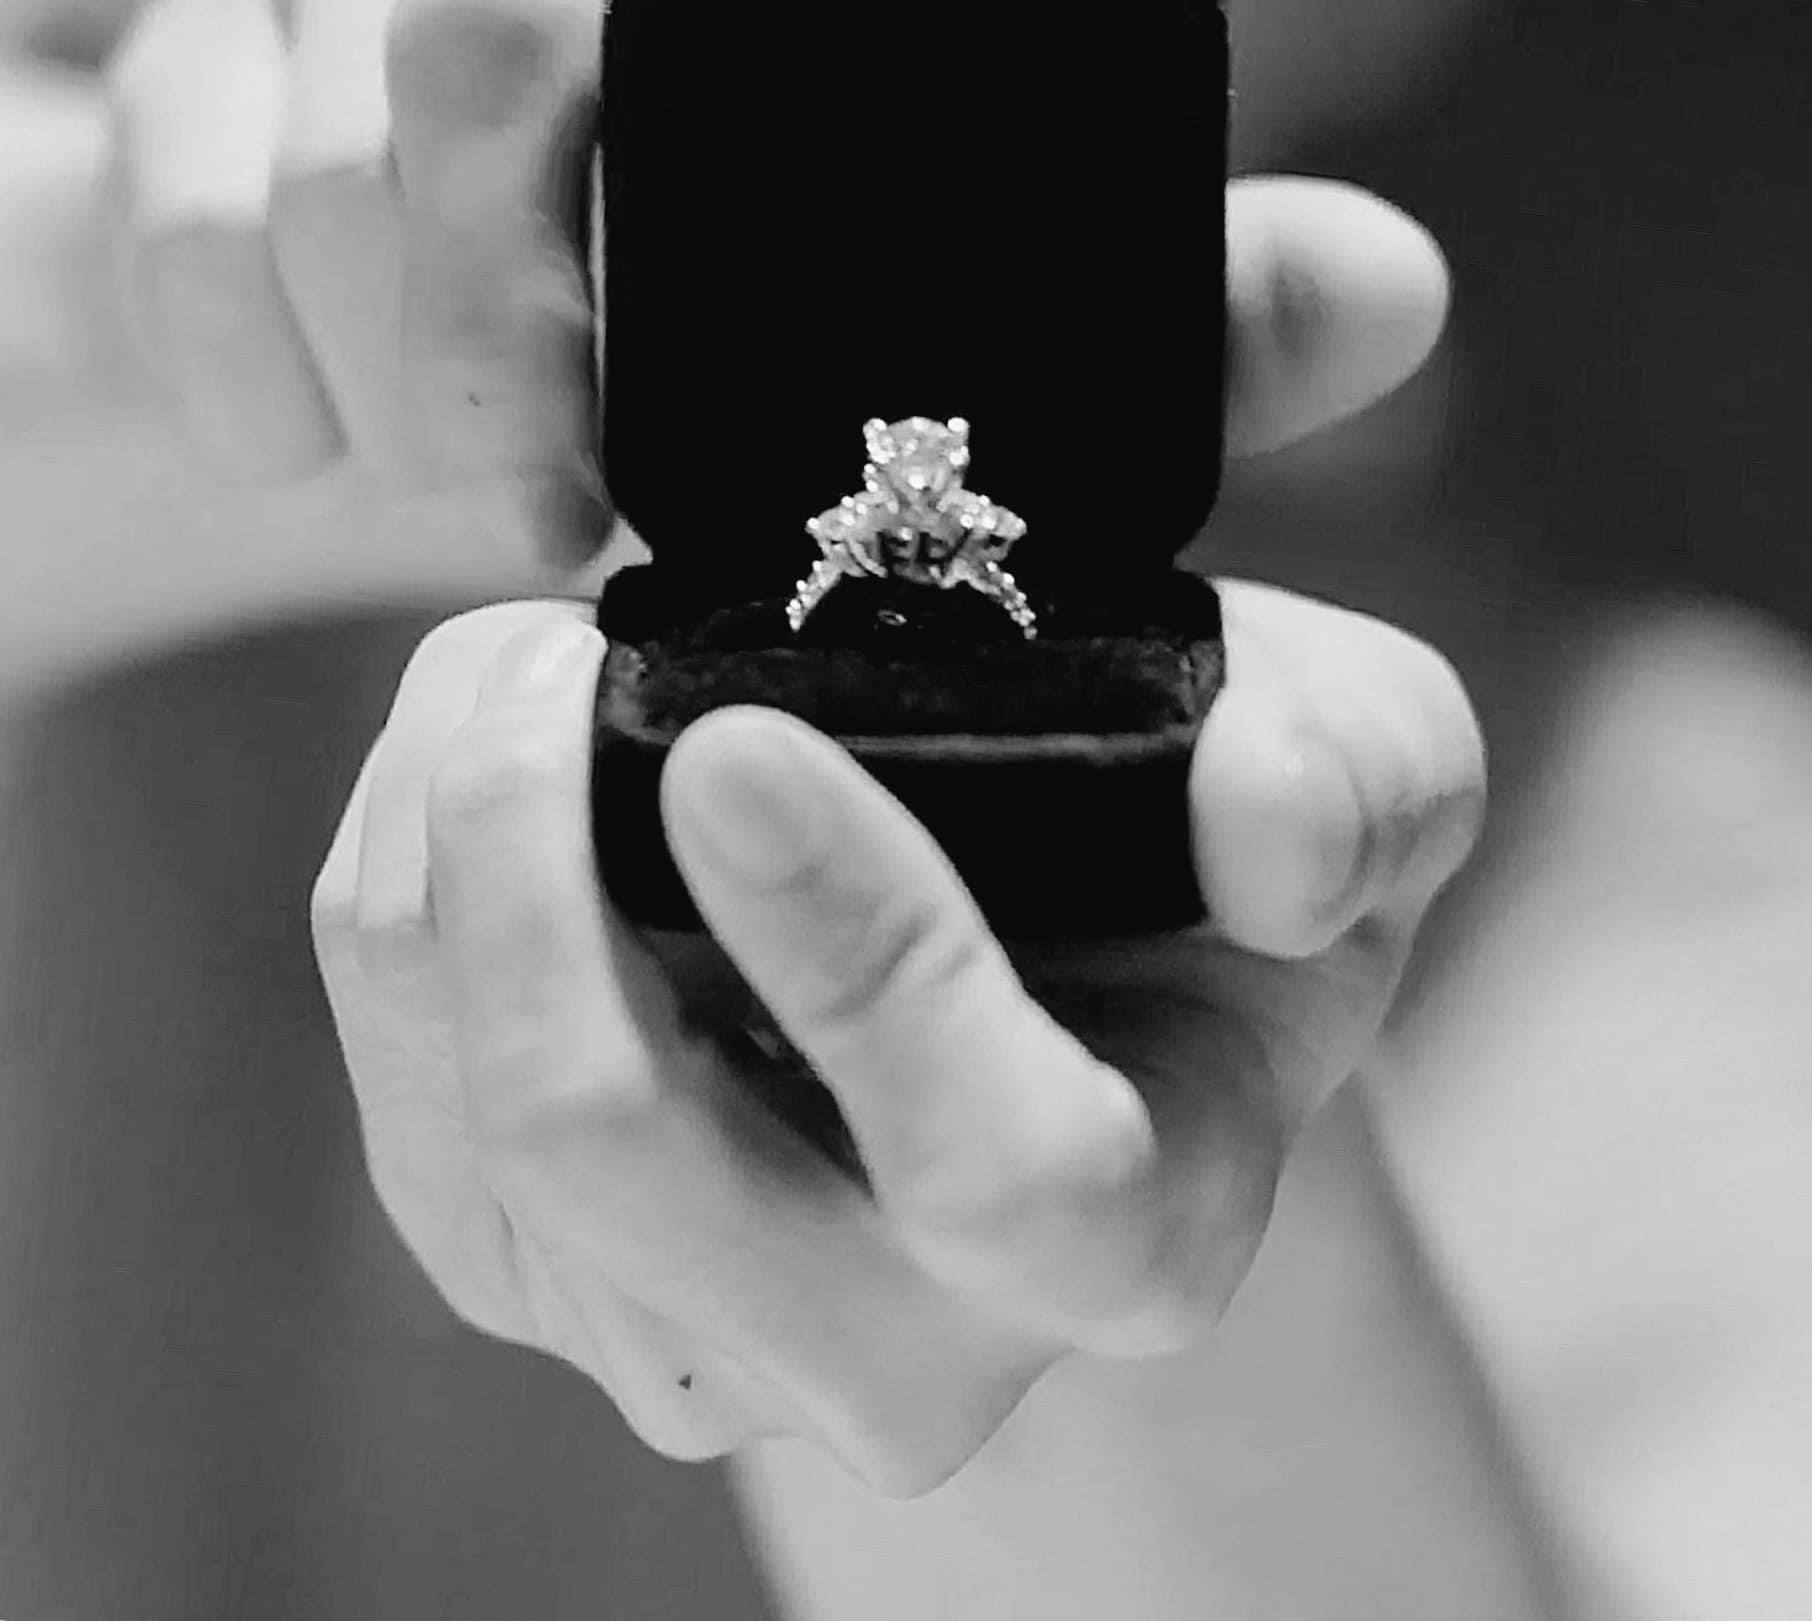 Bảo Anh bất ngờ khoe nhẫn cầu hôn kim cương, fan đồng loạt gọi tên người này - 1